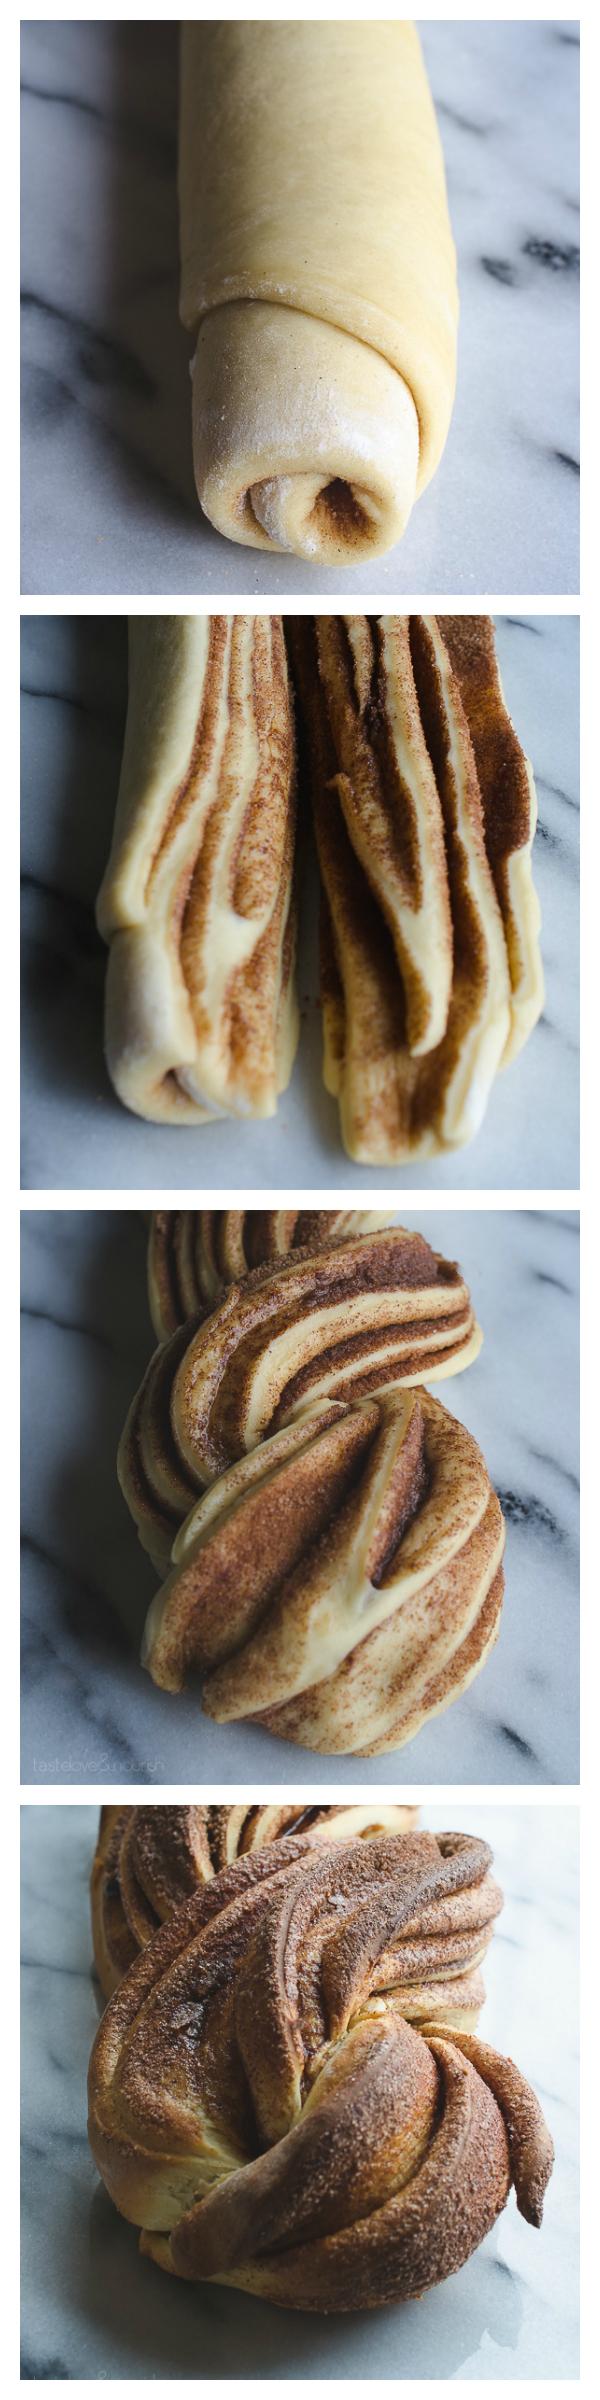 Cinnamon Nog Twist Bread | @tasteLUVnourish | #bread #nog #holiday